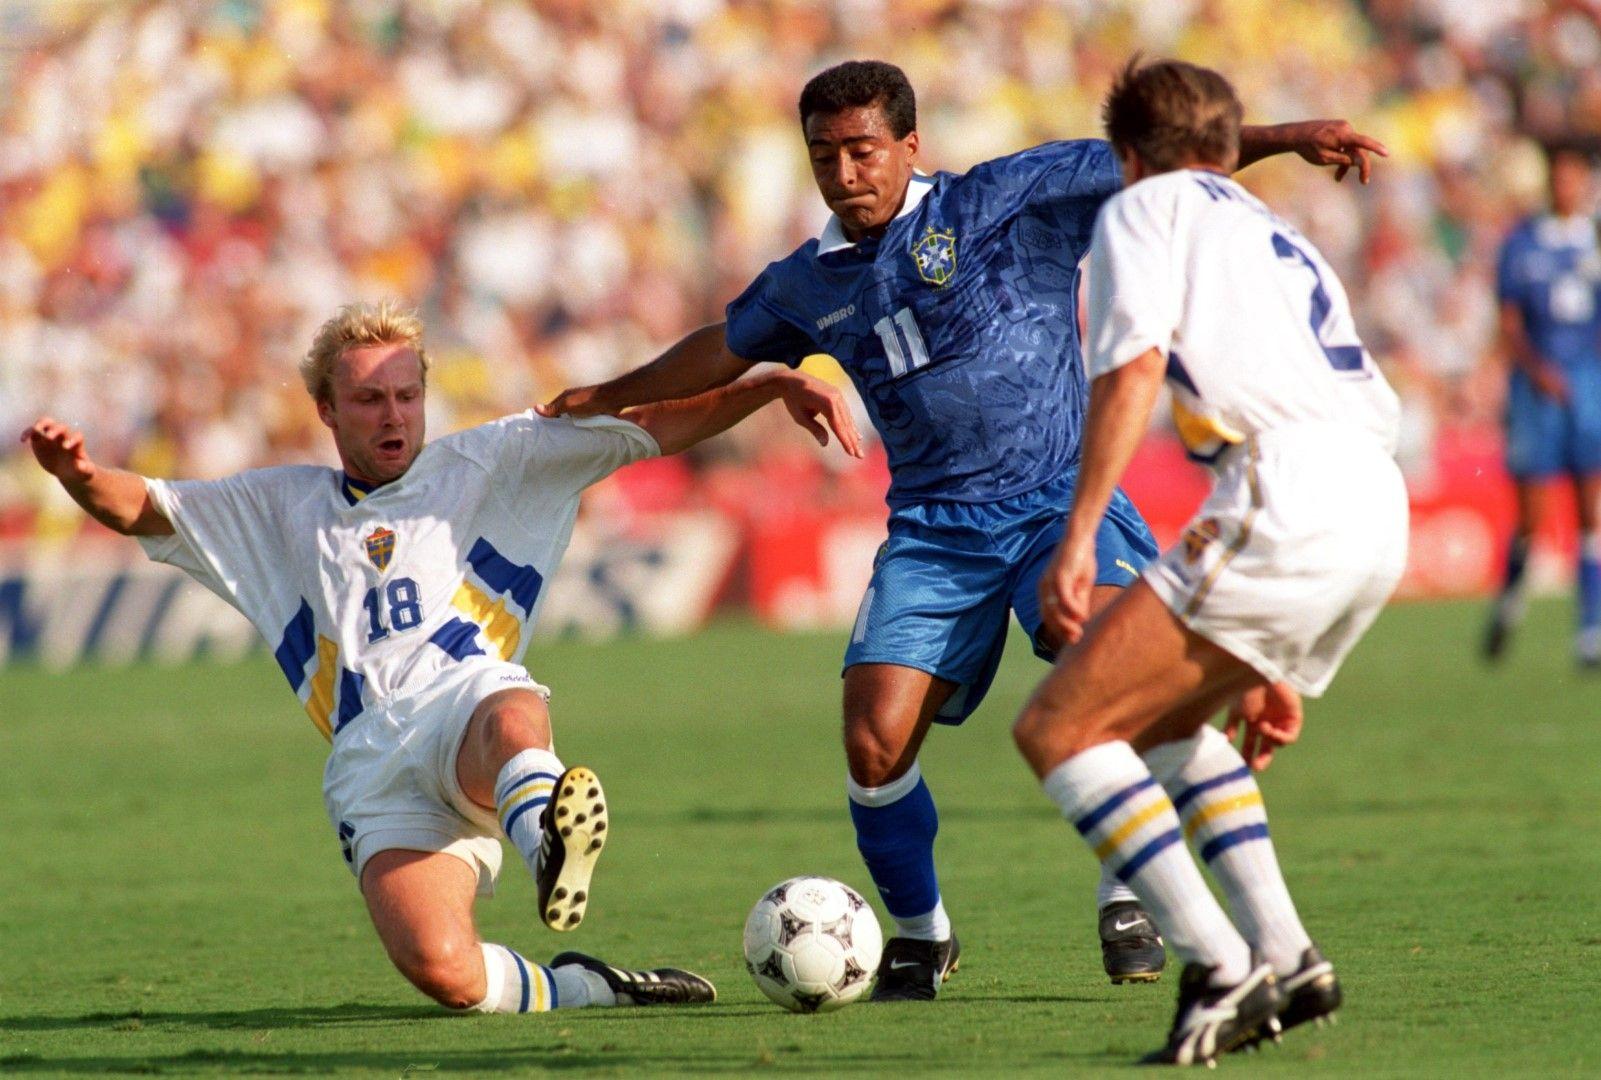 Ромарио срещу шведите, САЩ 94.